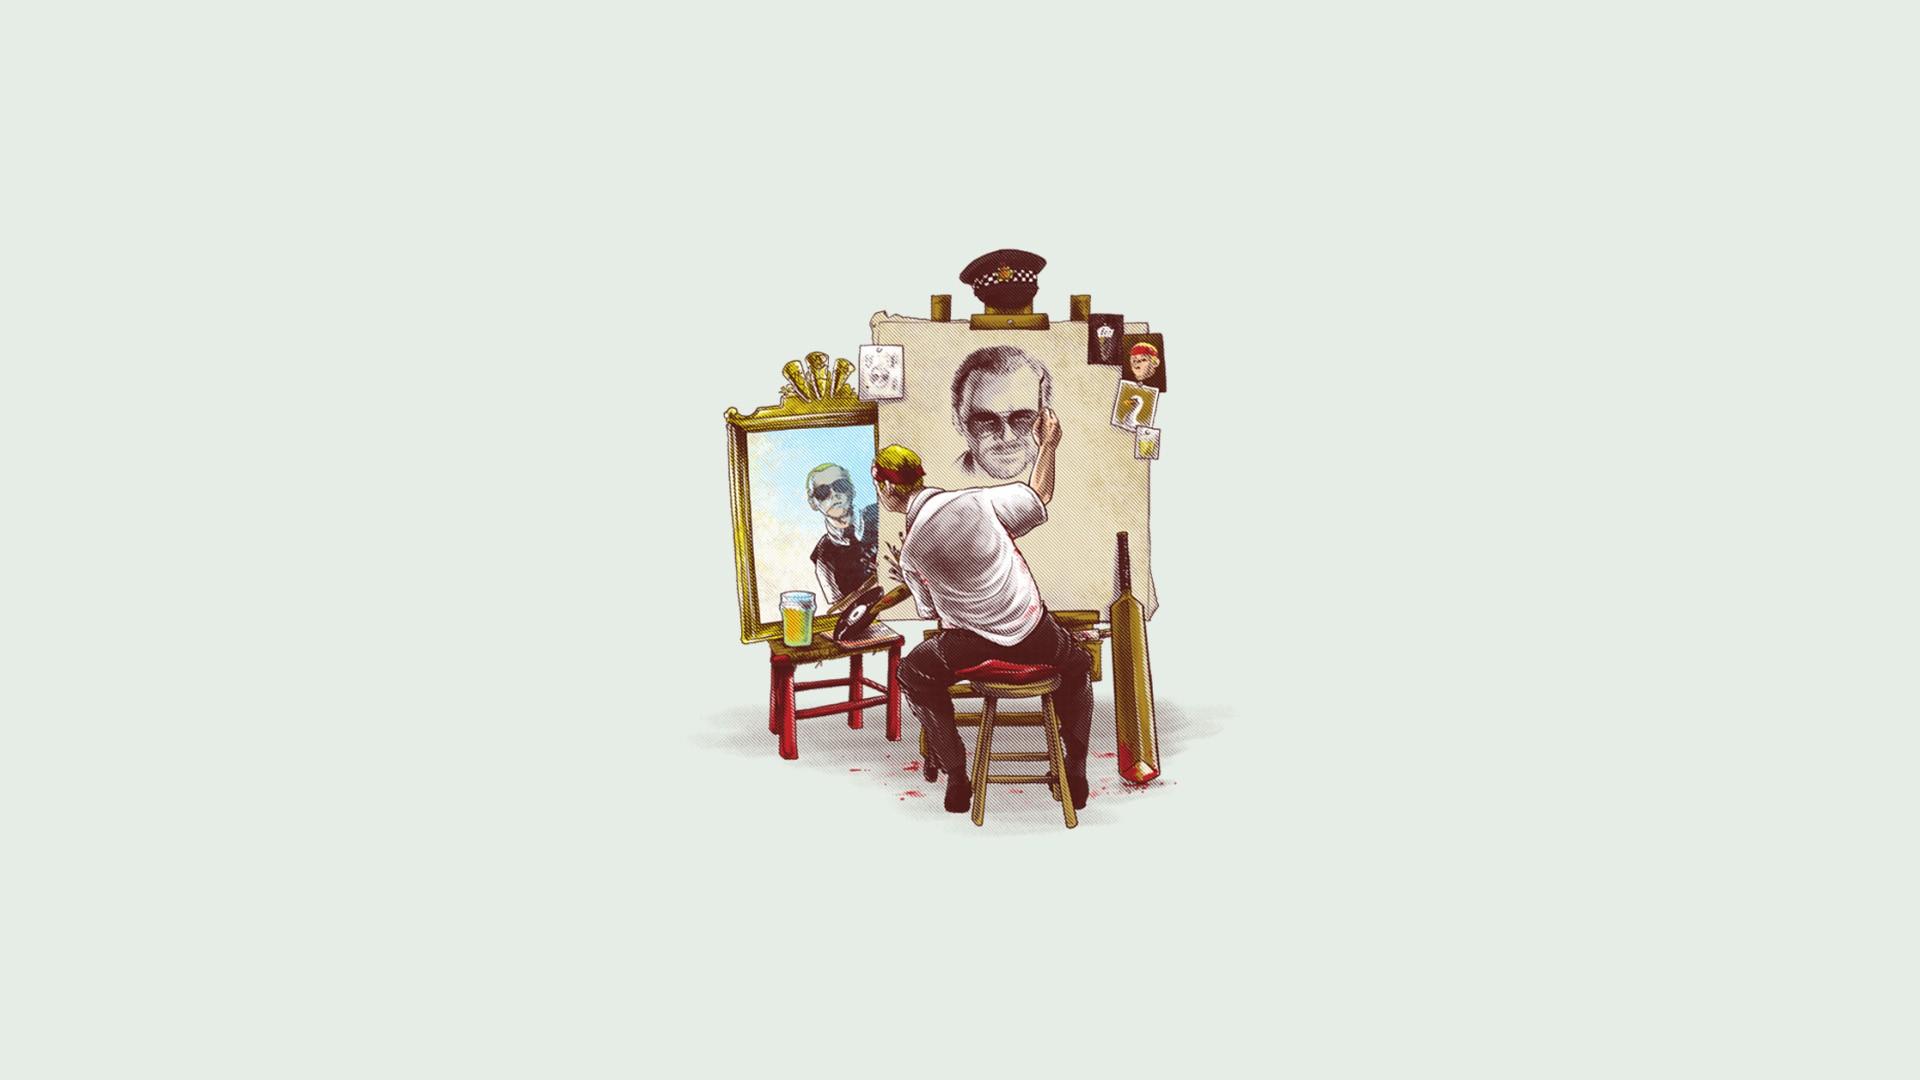 Wallpaper Illustration Cartoon Brand Hot Fuzz Shaun Of